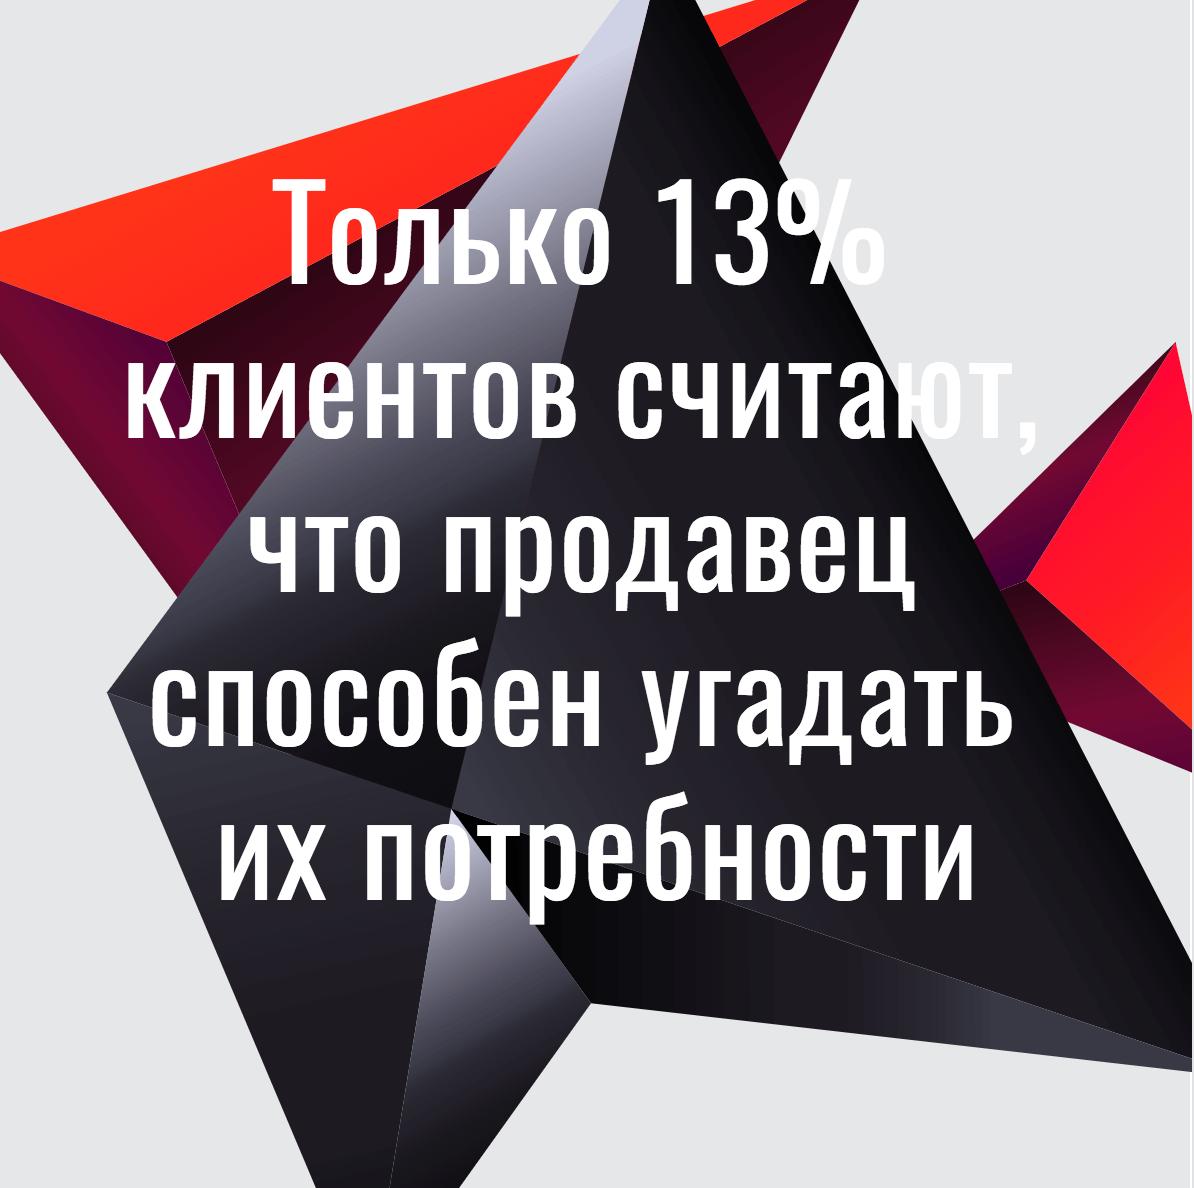 Saleslabel.com_Обучение продавцов